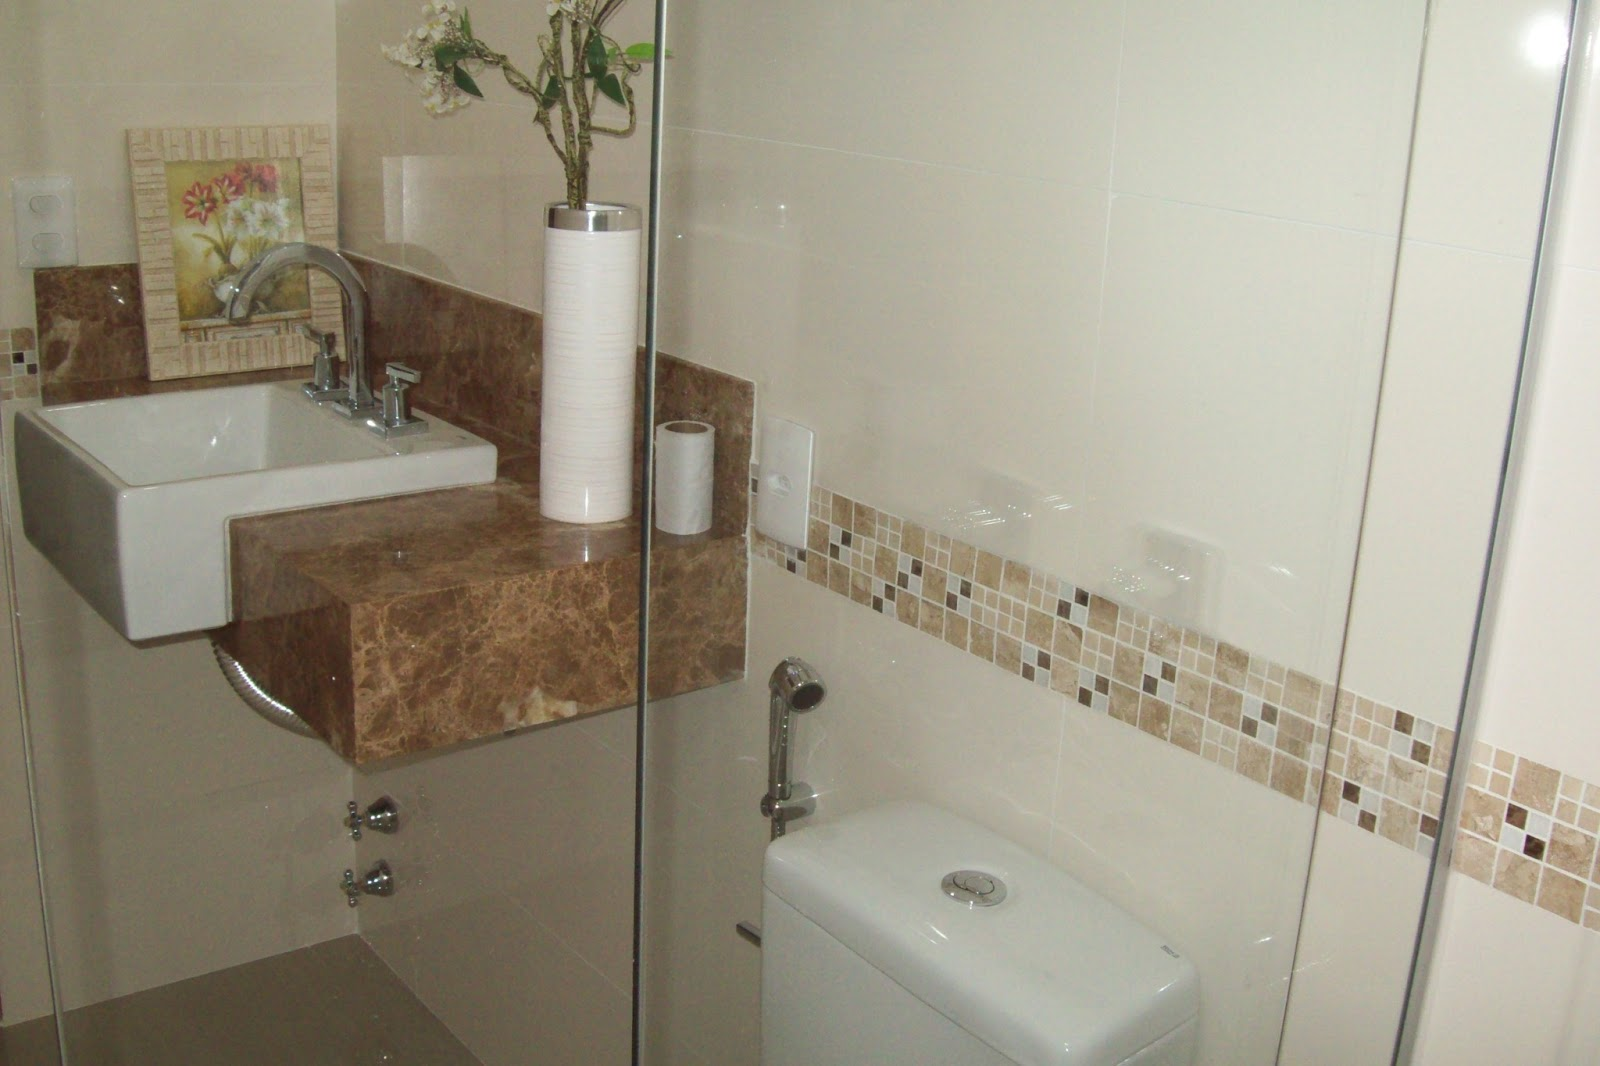 Construções Domingos Banheiro com Nicho -> Nicho Para Banheiro Embutido